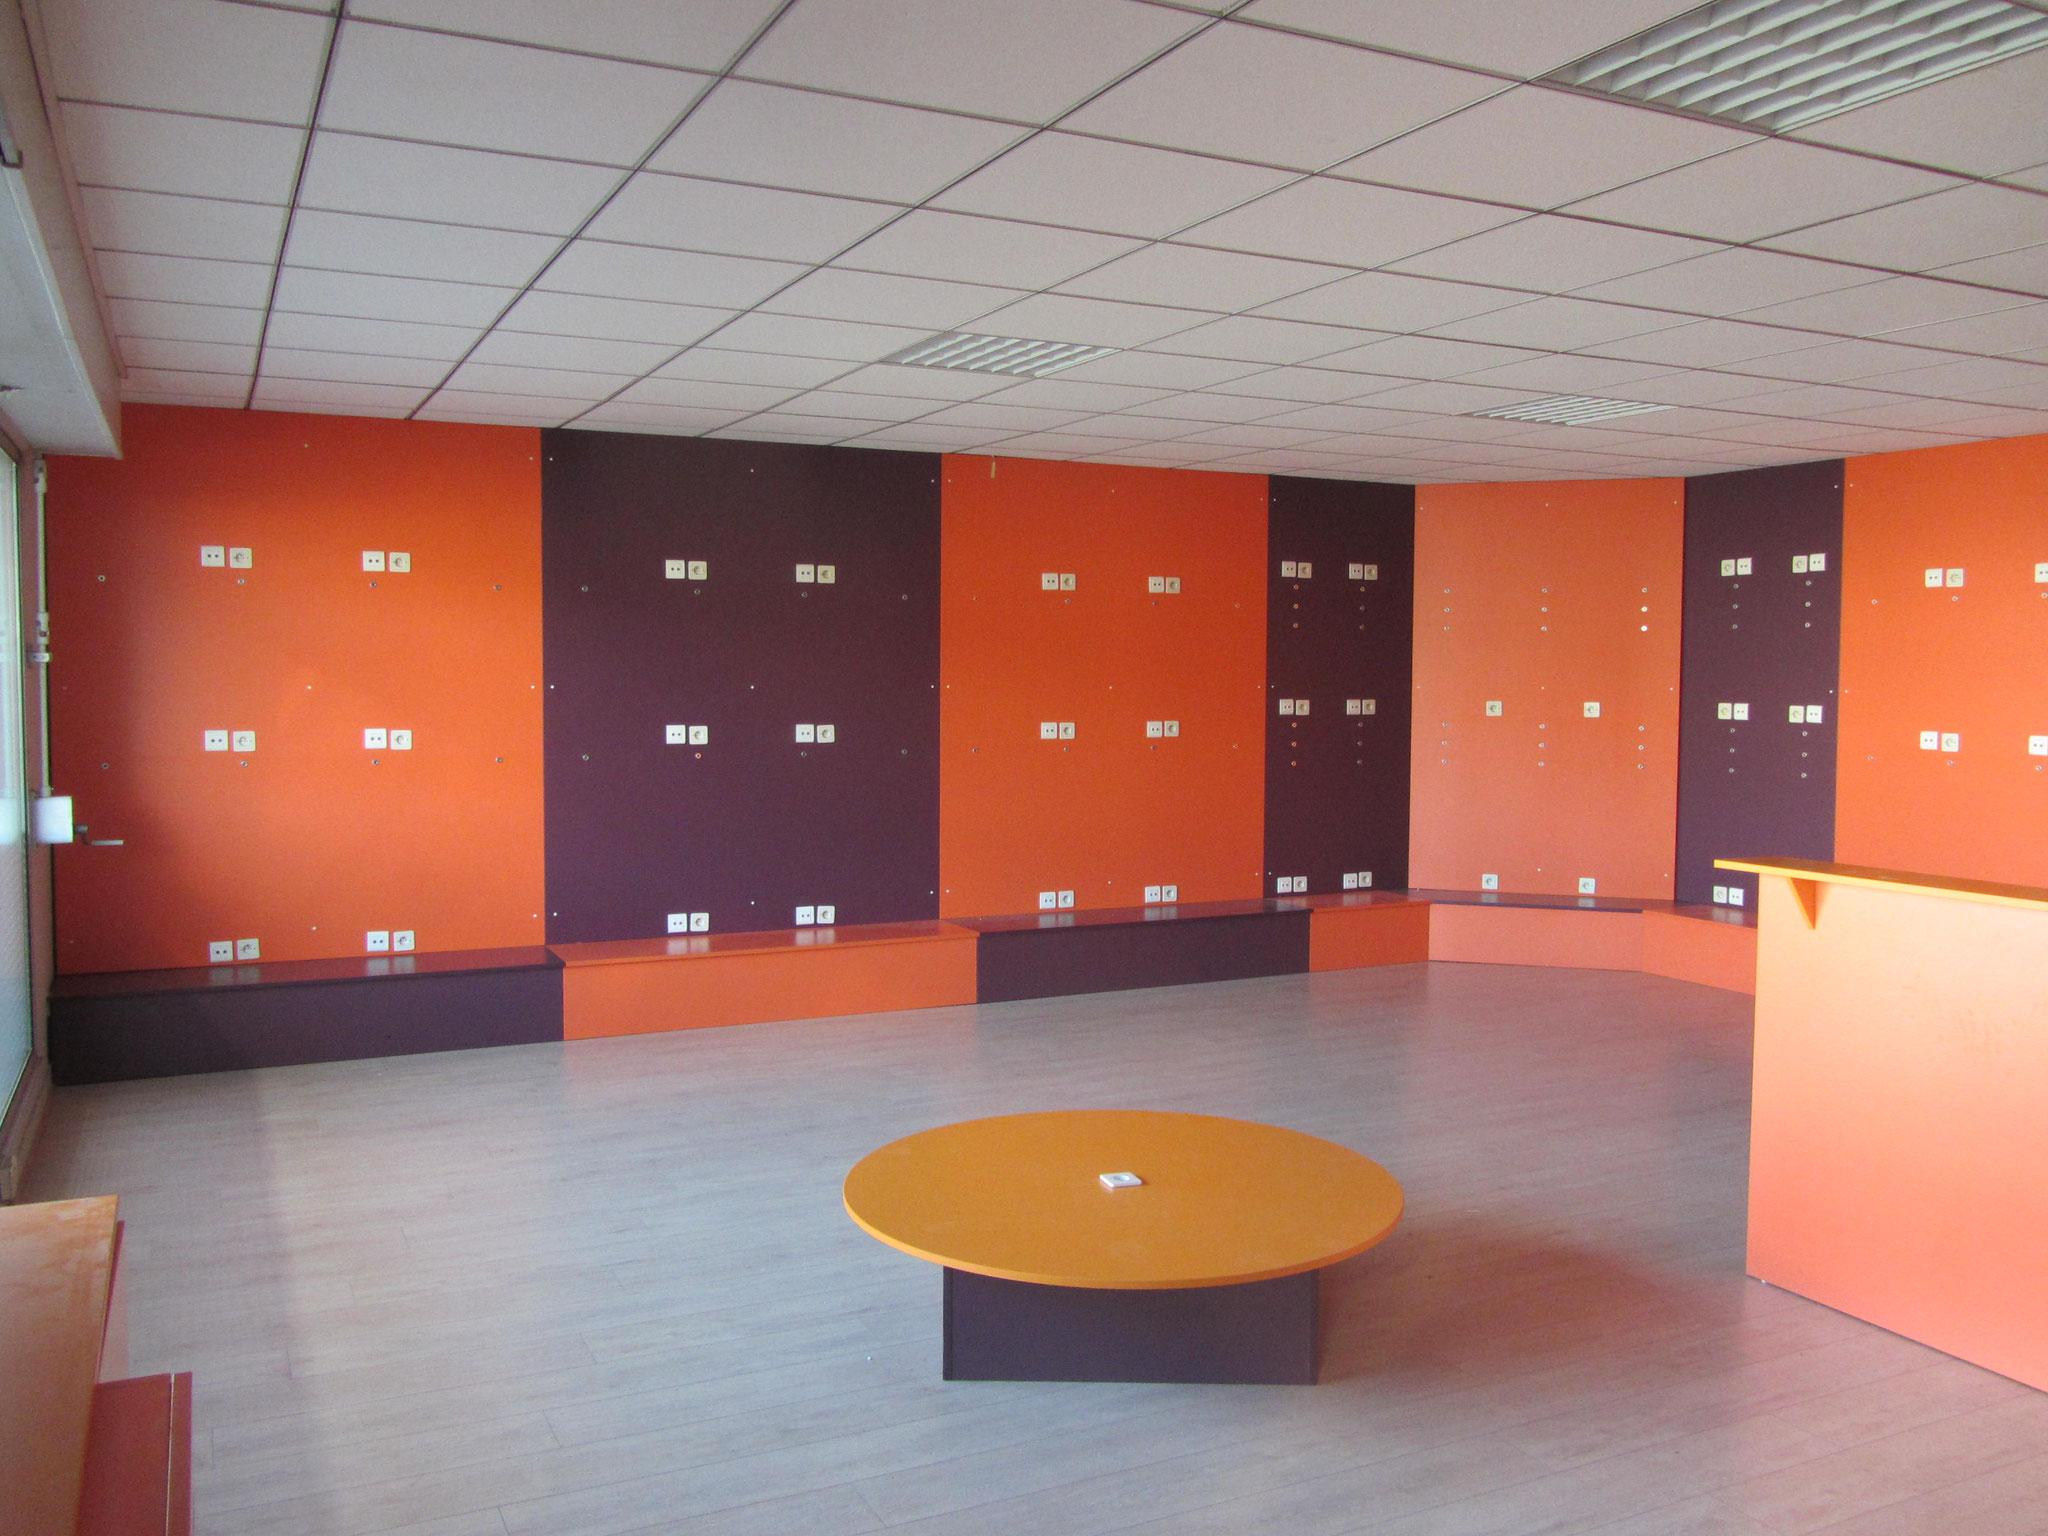 La salle d'Archimalt, avant les travaux